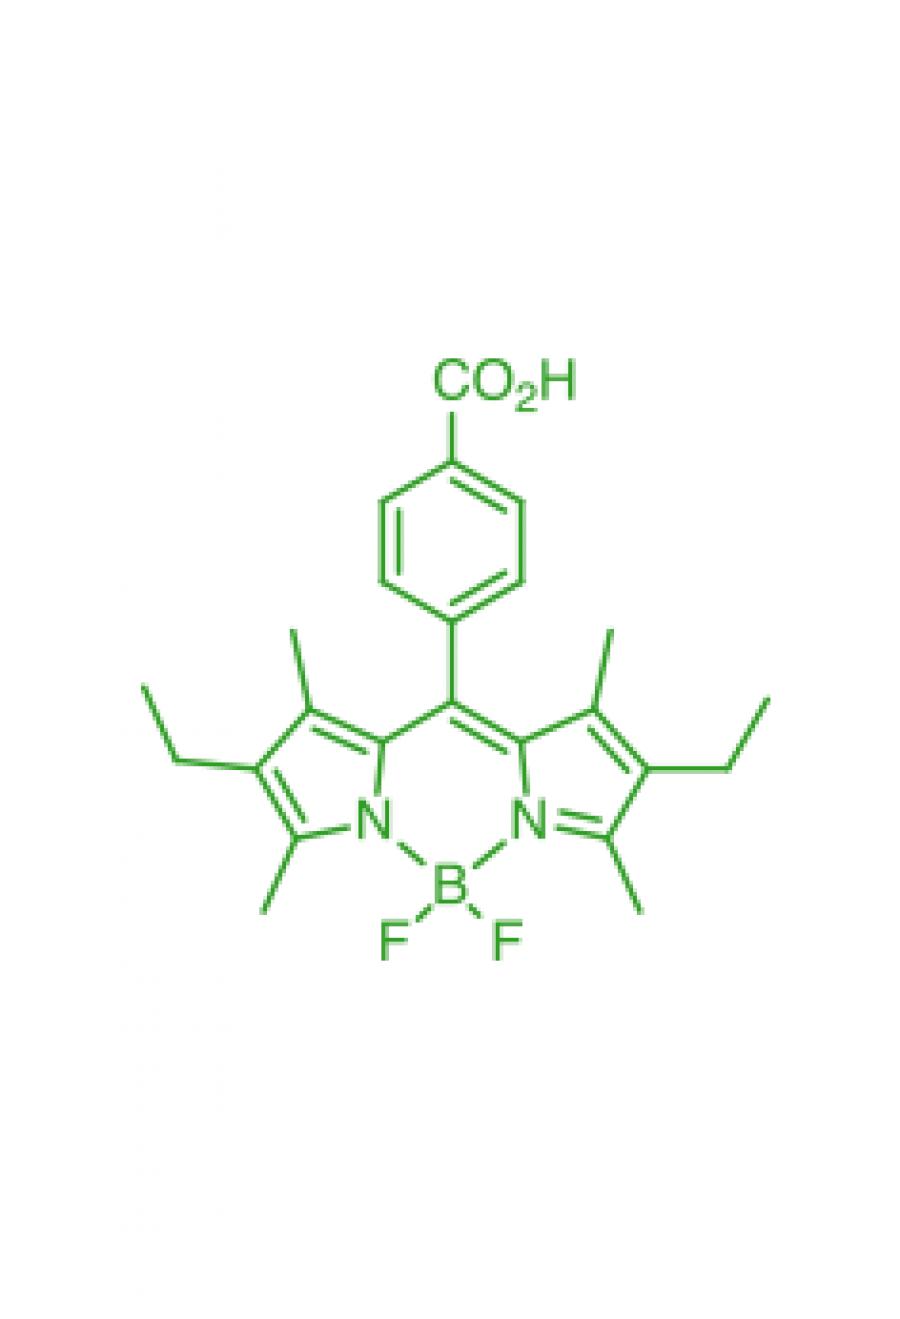 1,3,5,7-tetramethyl-2,6-diethyl-8-(4-carboxyphenyl)BODIPY